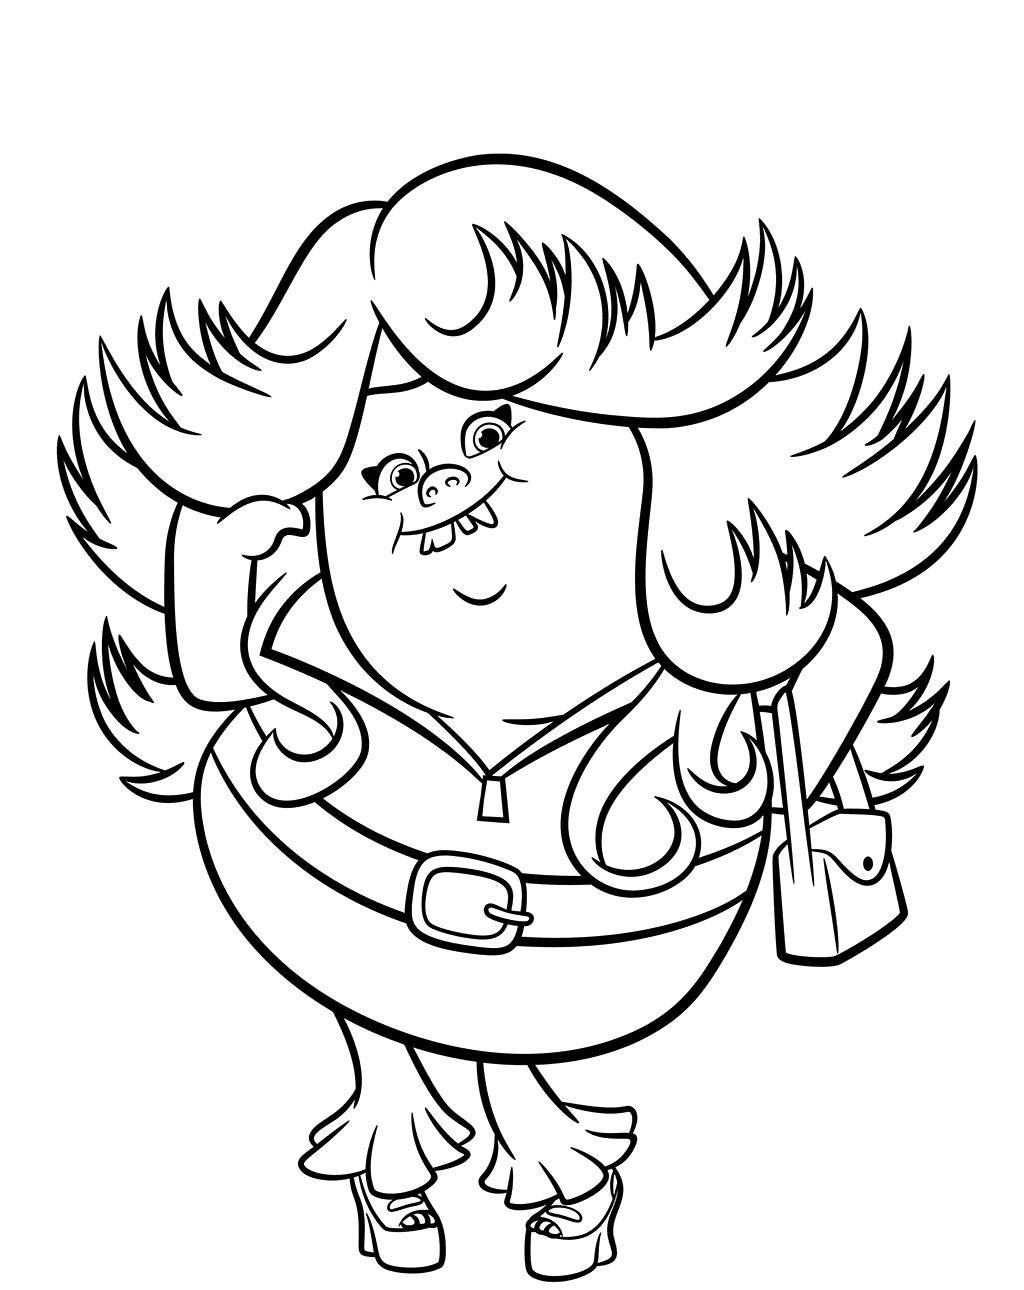 Lady Glitter Sparkles